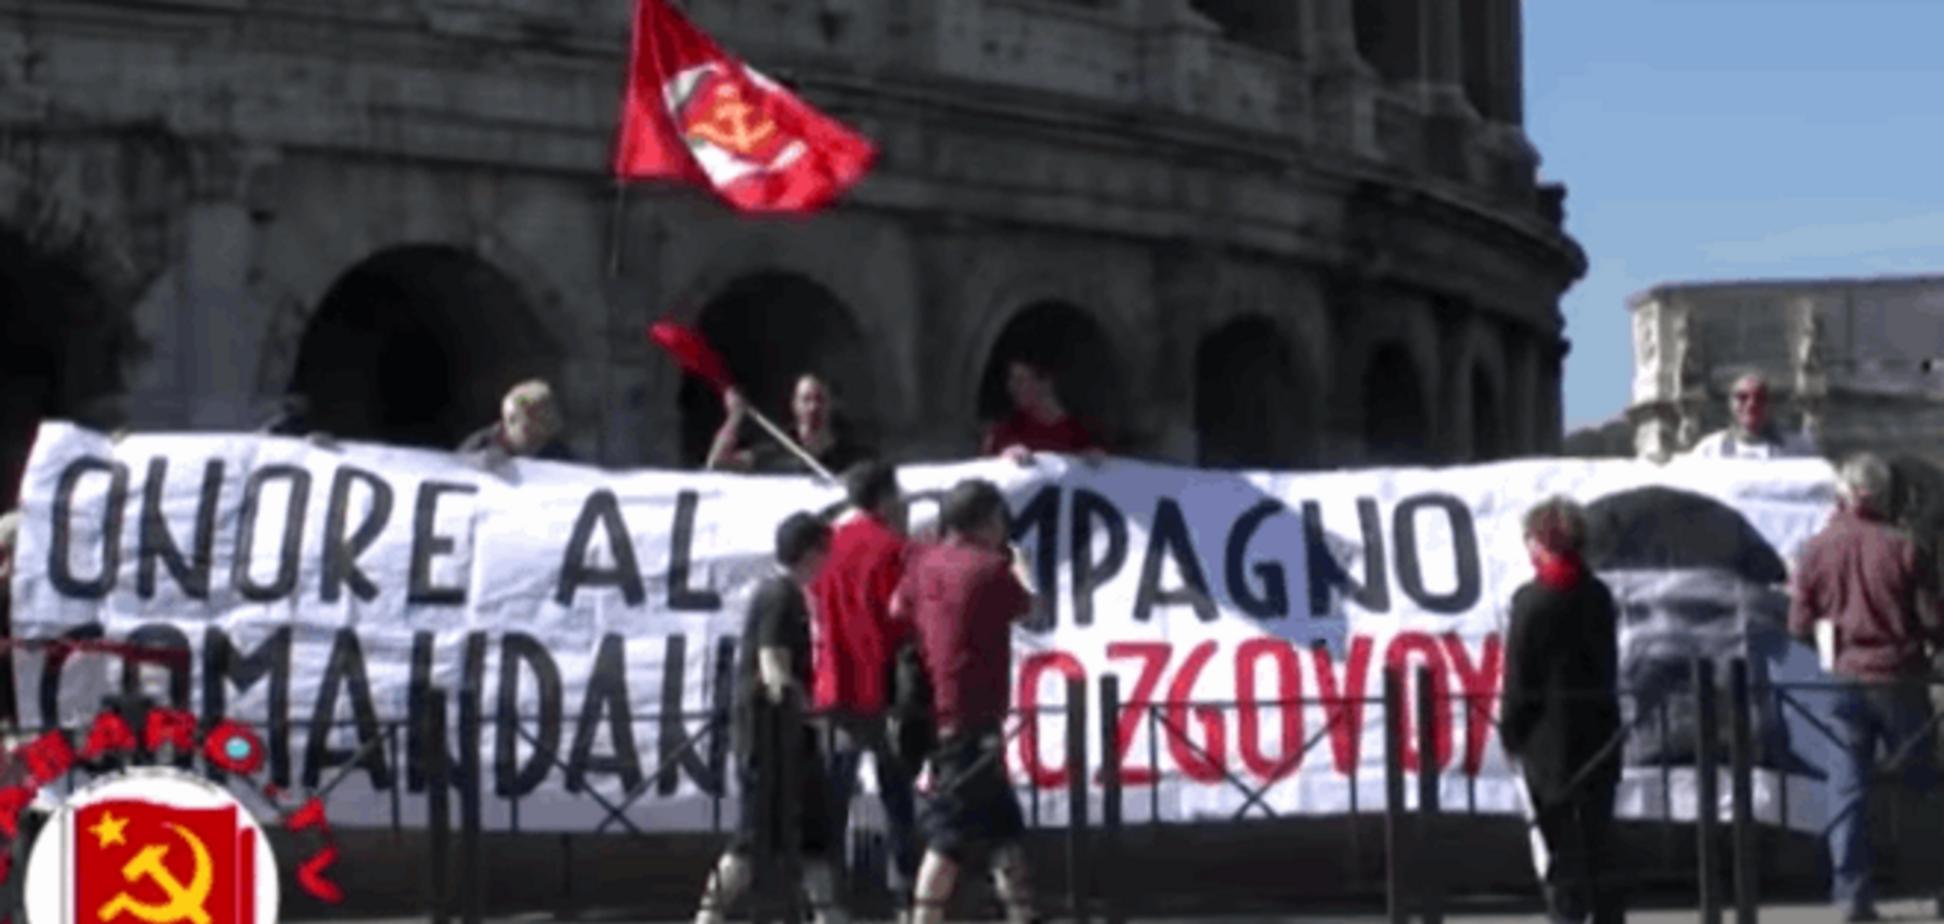 Мозговому в Риме коммунисты устроили 'поминки по-итальянски': видеофакт